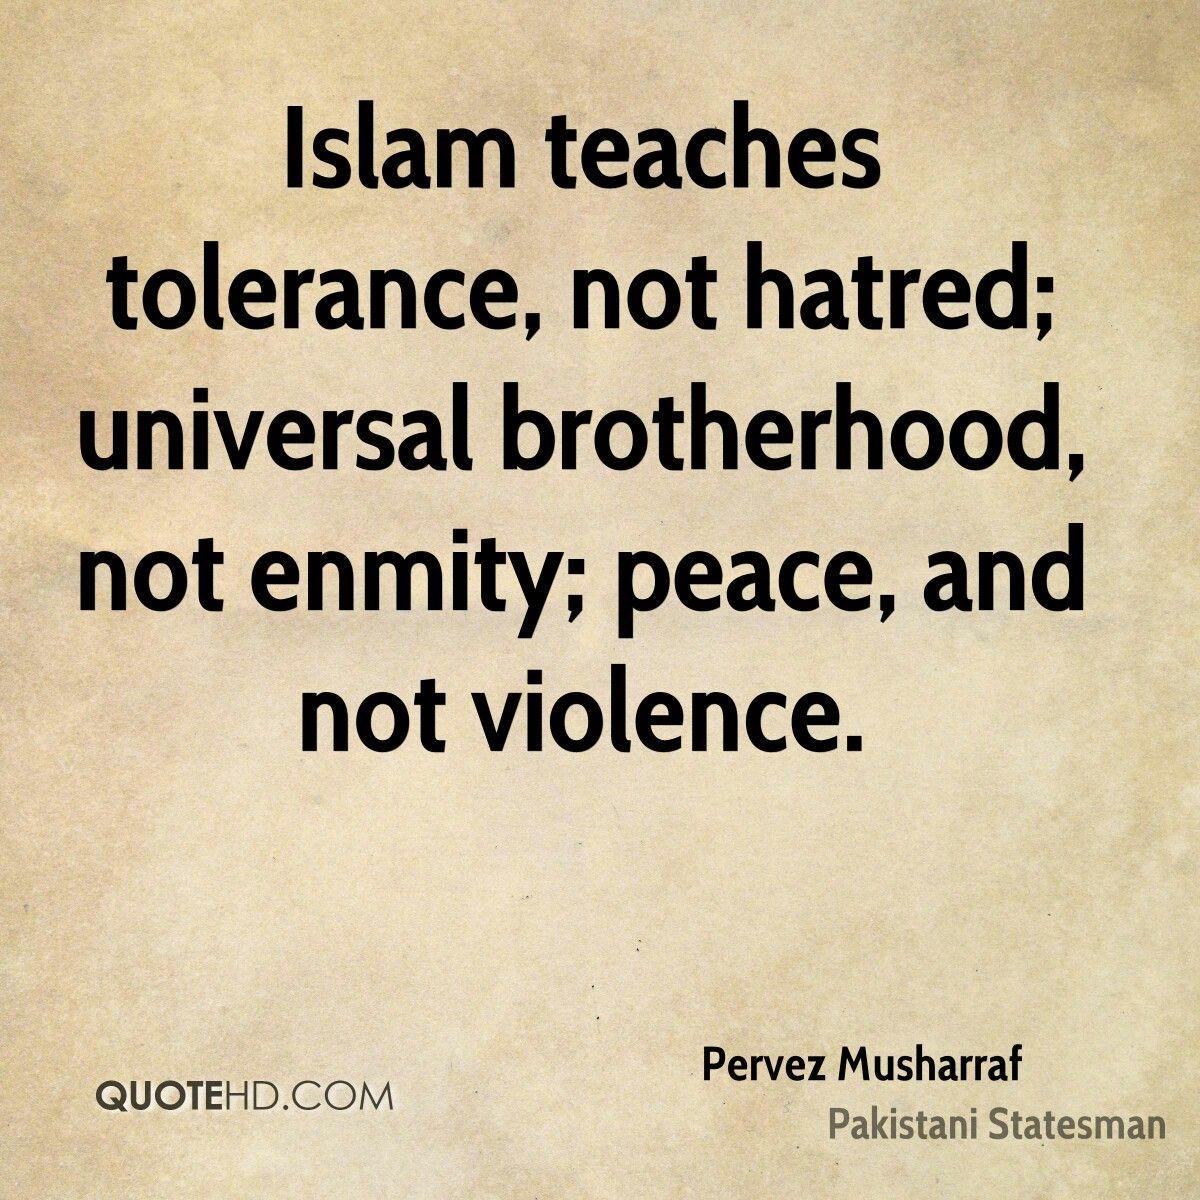 Muslimische Zitate Islamic Quotes Arabische Zitate Englisch Lesen Tagliche Erinnerung Wahre Religion Islam Hadith Islam Liebe